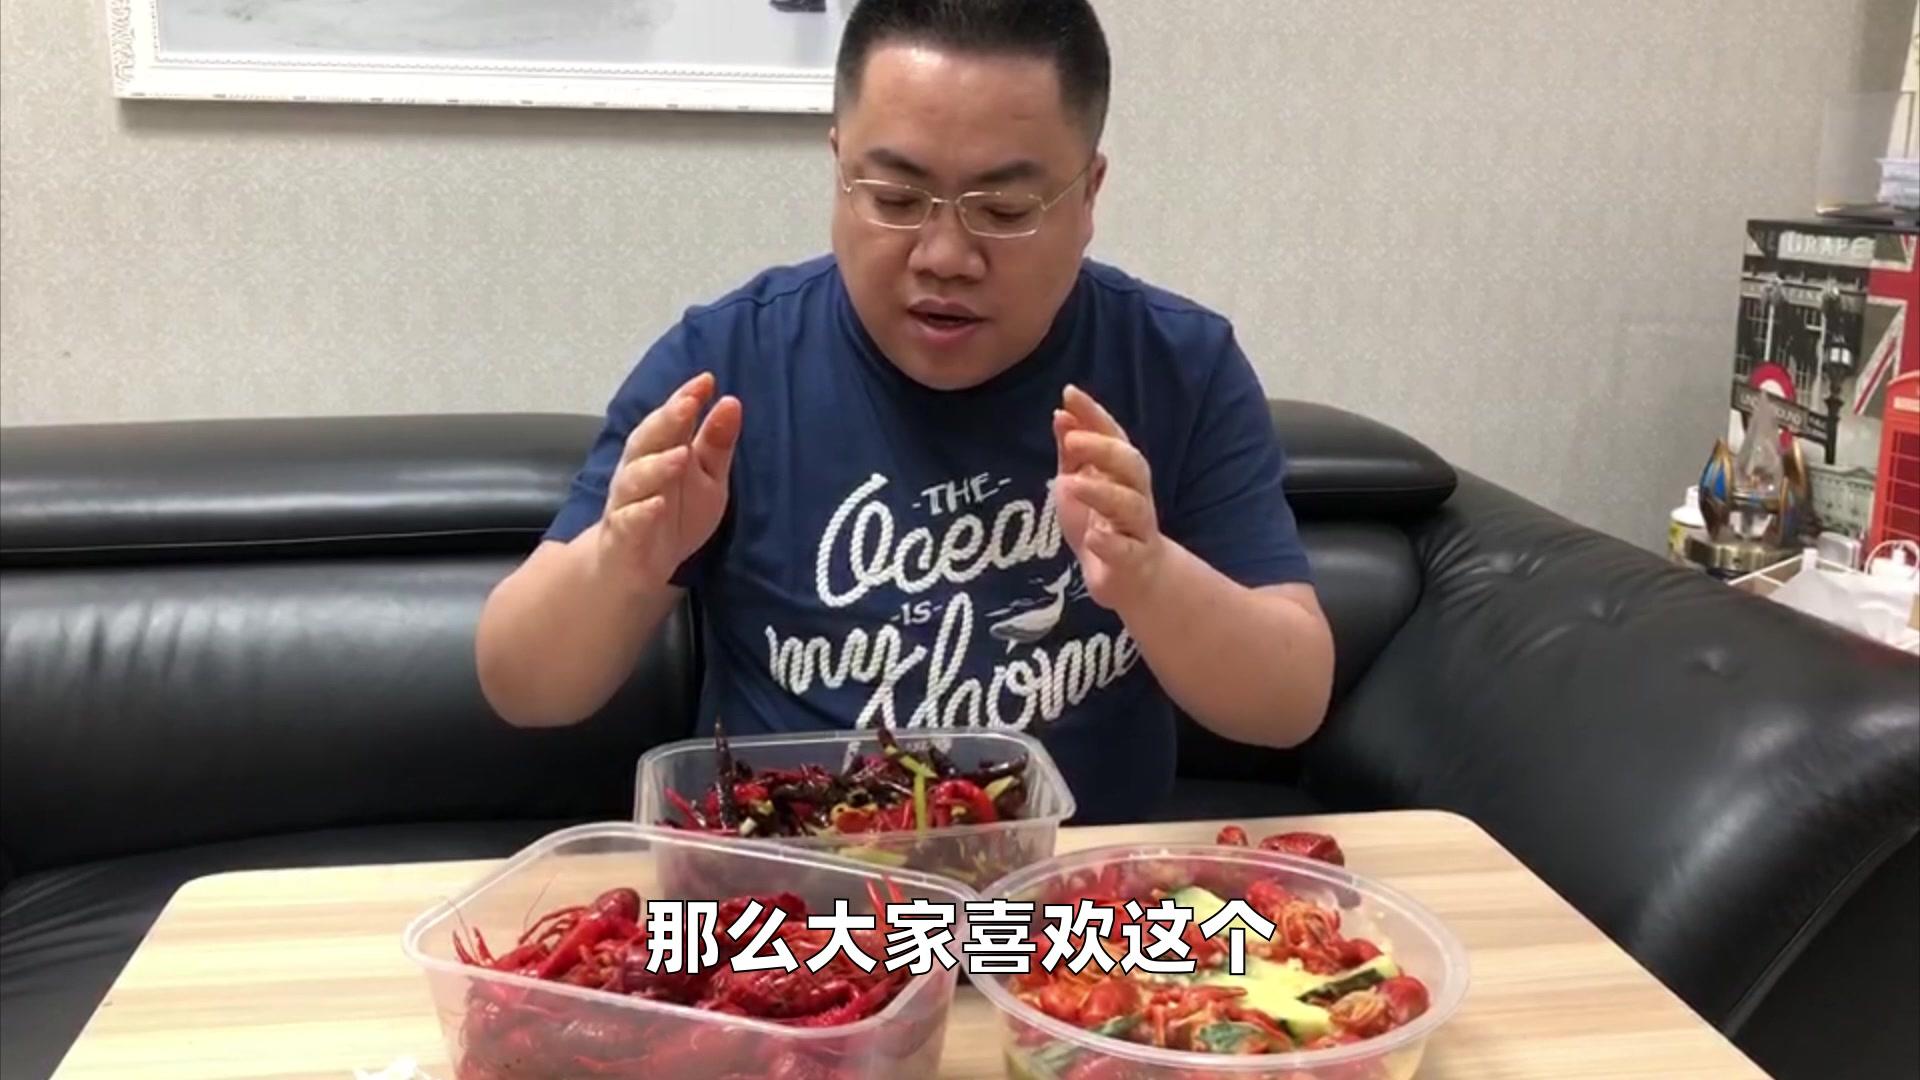 【星际老男孩】小龙虾是传统口味还是网红口味好吃?快来饿了么app,选择你喜欢的口味进行pick,有惊喜哦!